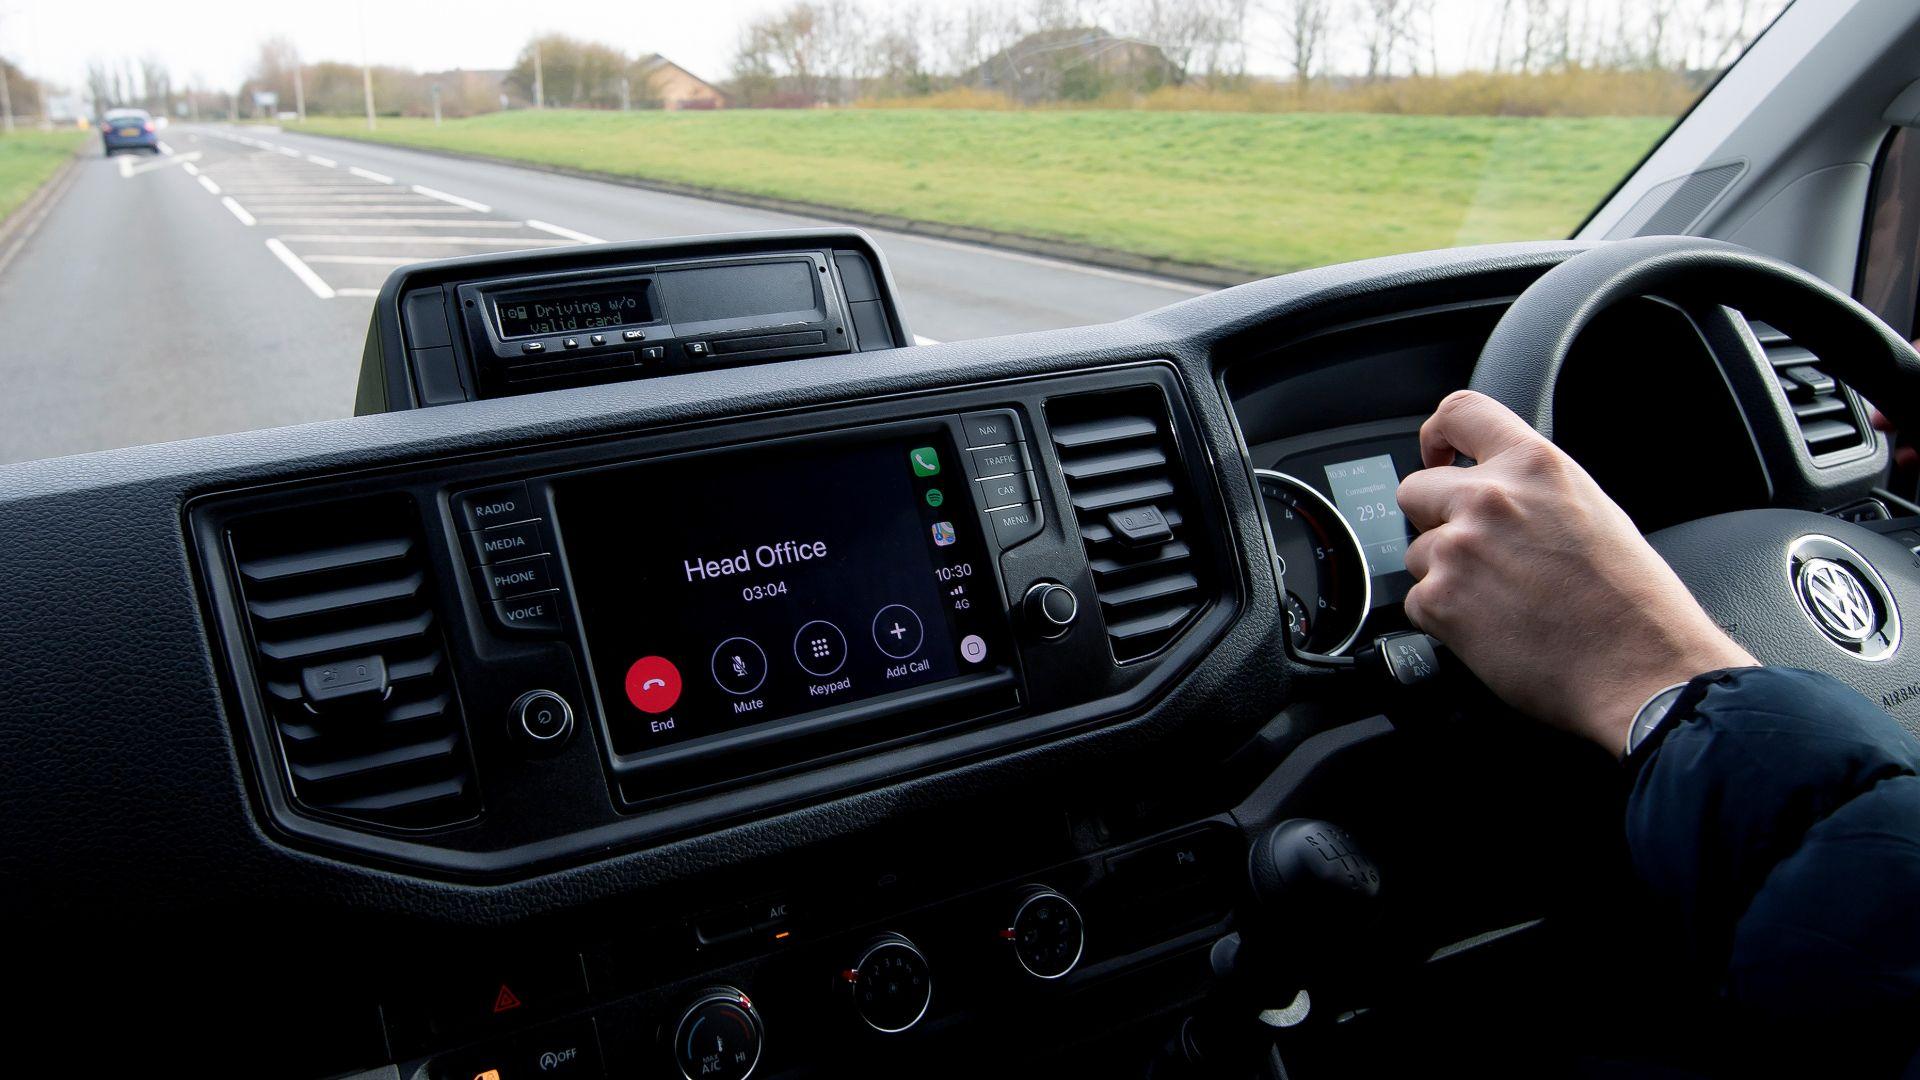 Van drivers till use their phones behind the wheel